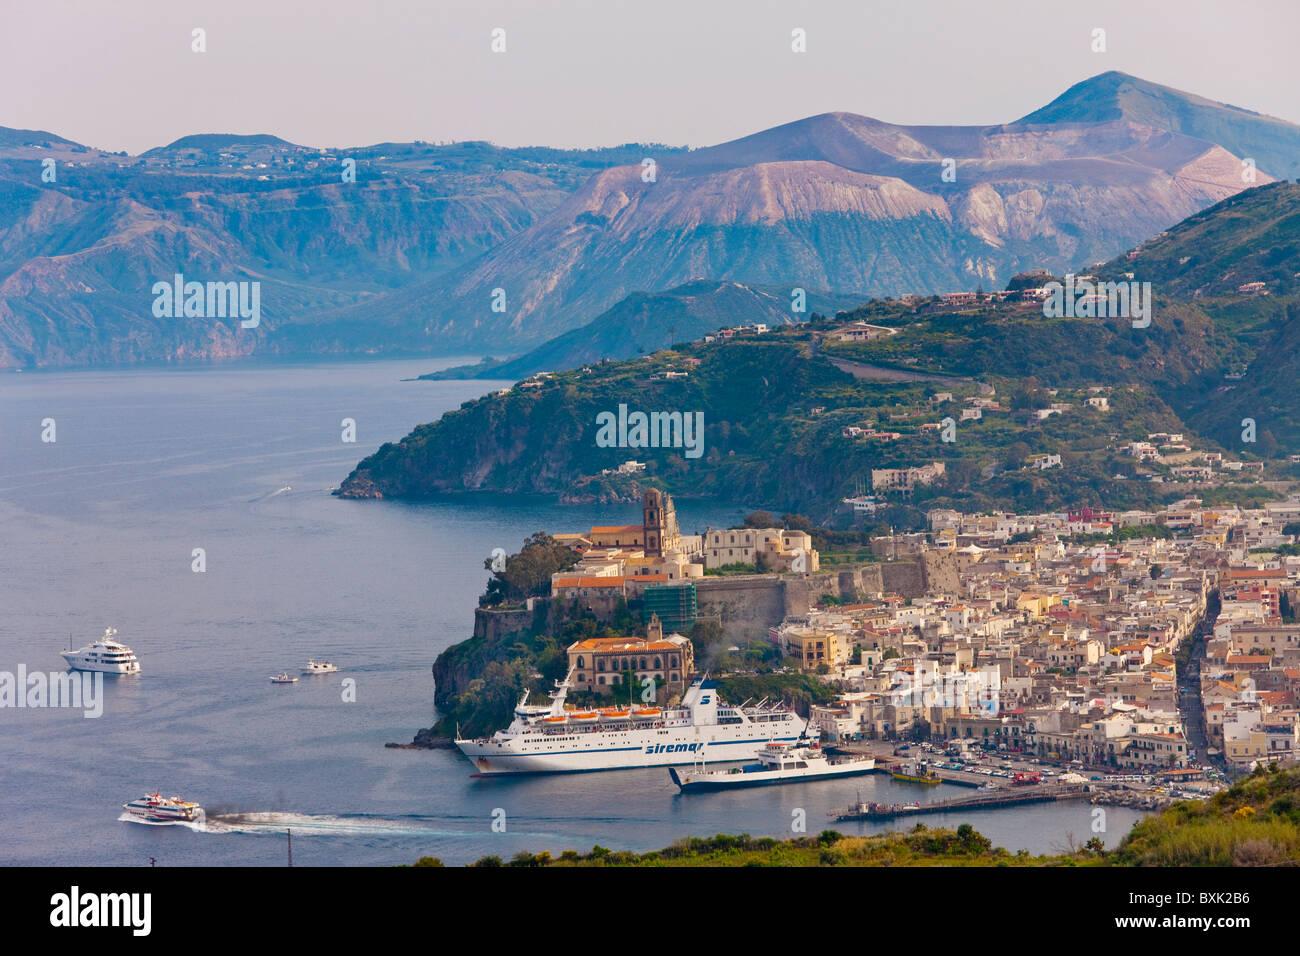 Lipari-Stadt, Insel Lipari, äolische Inseln, Italien, Europa Stockbild